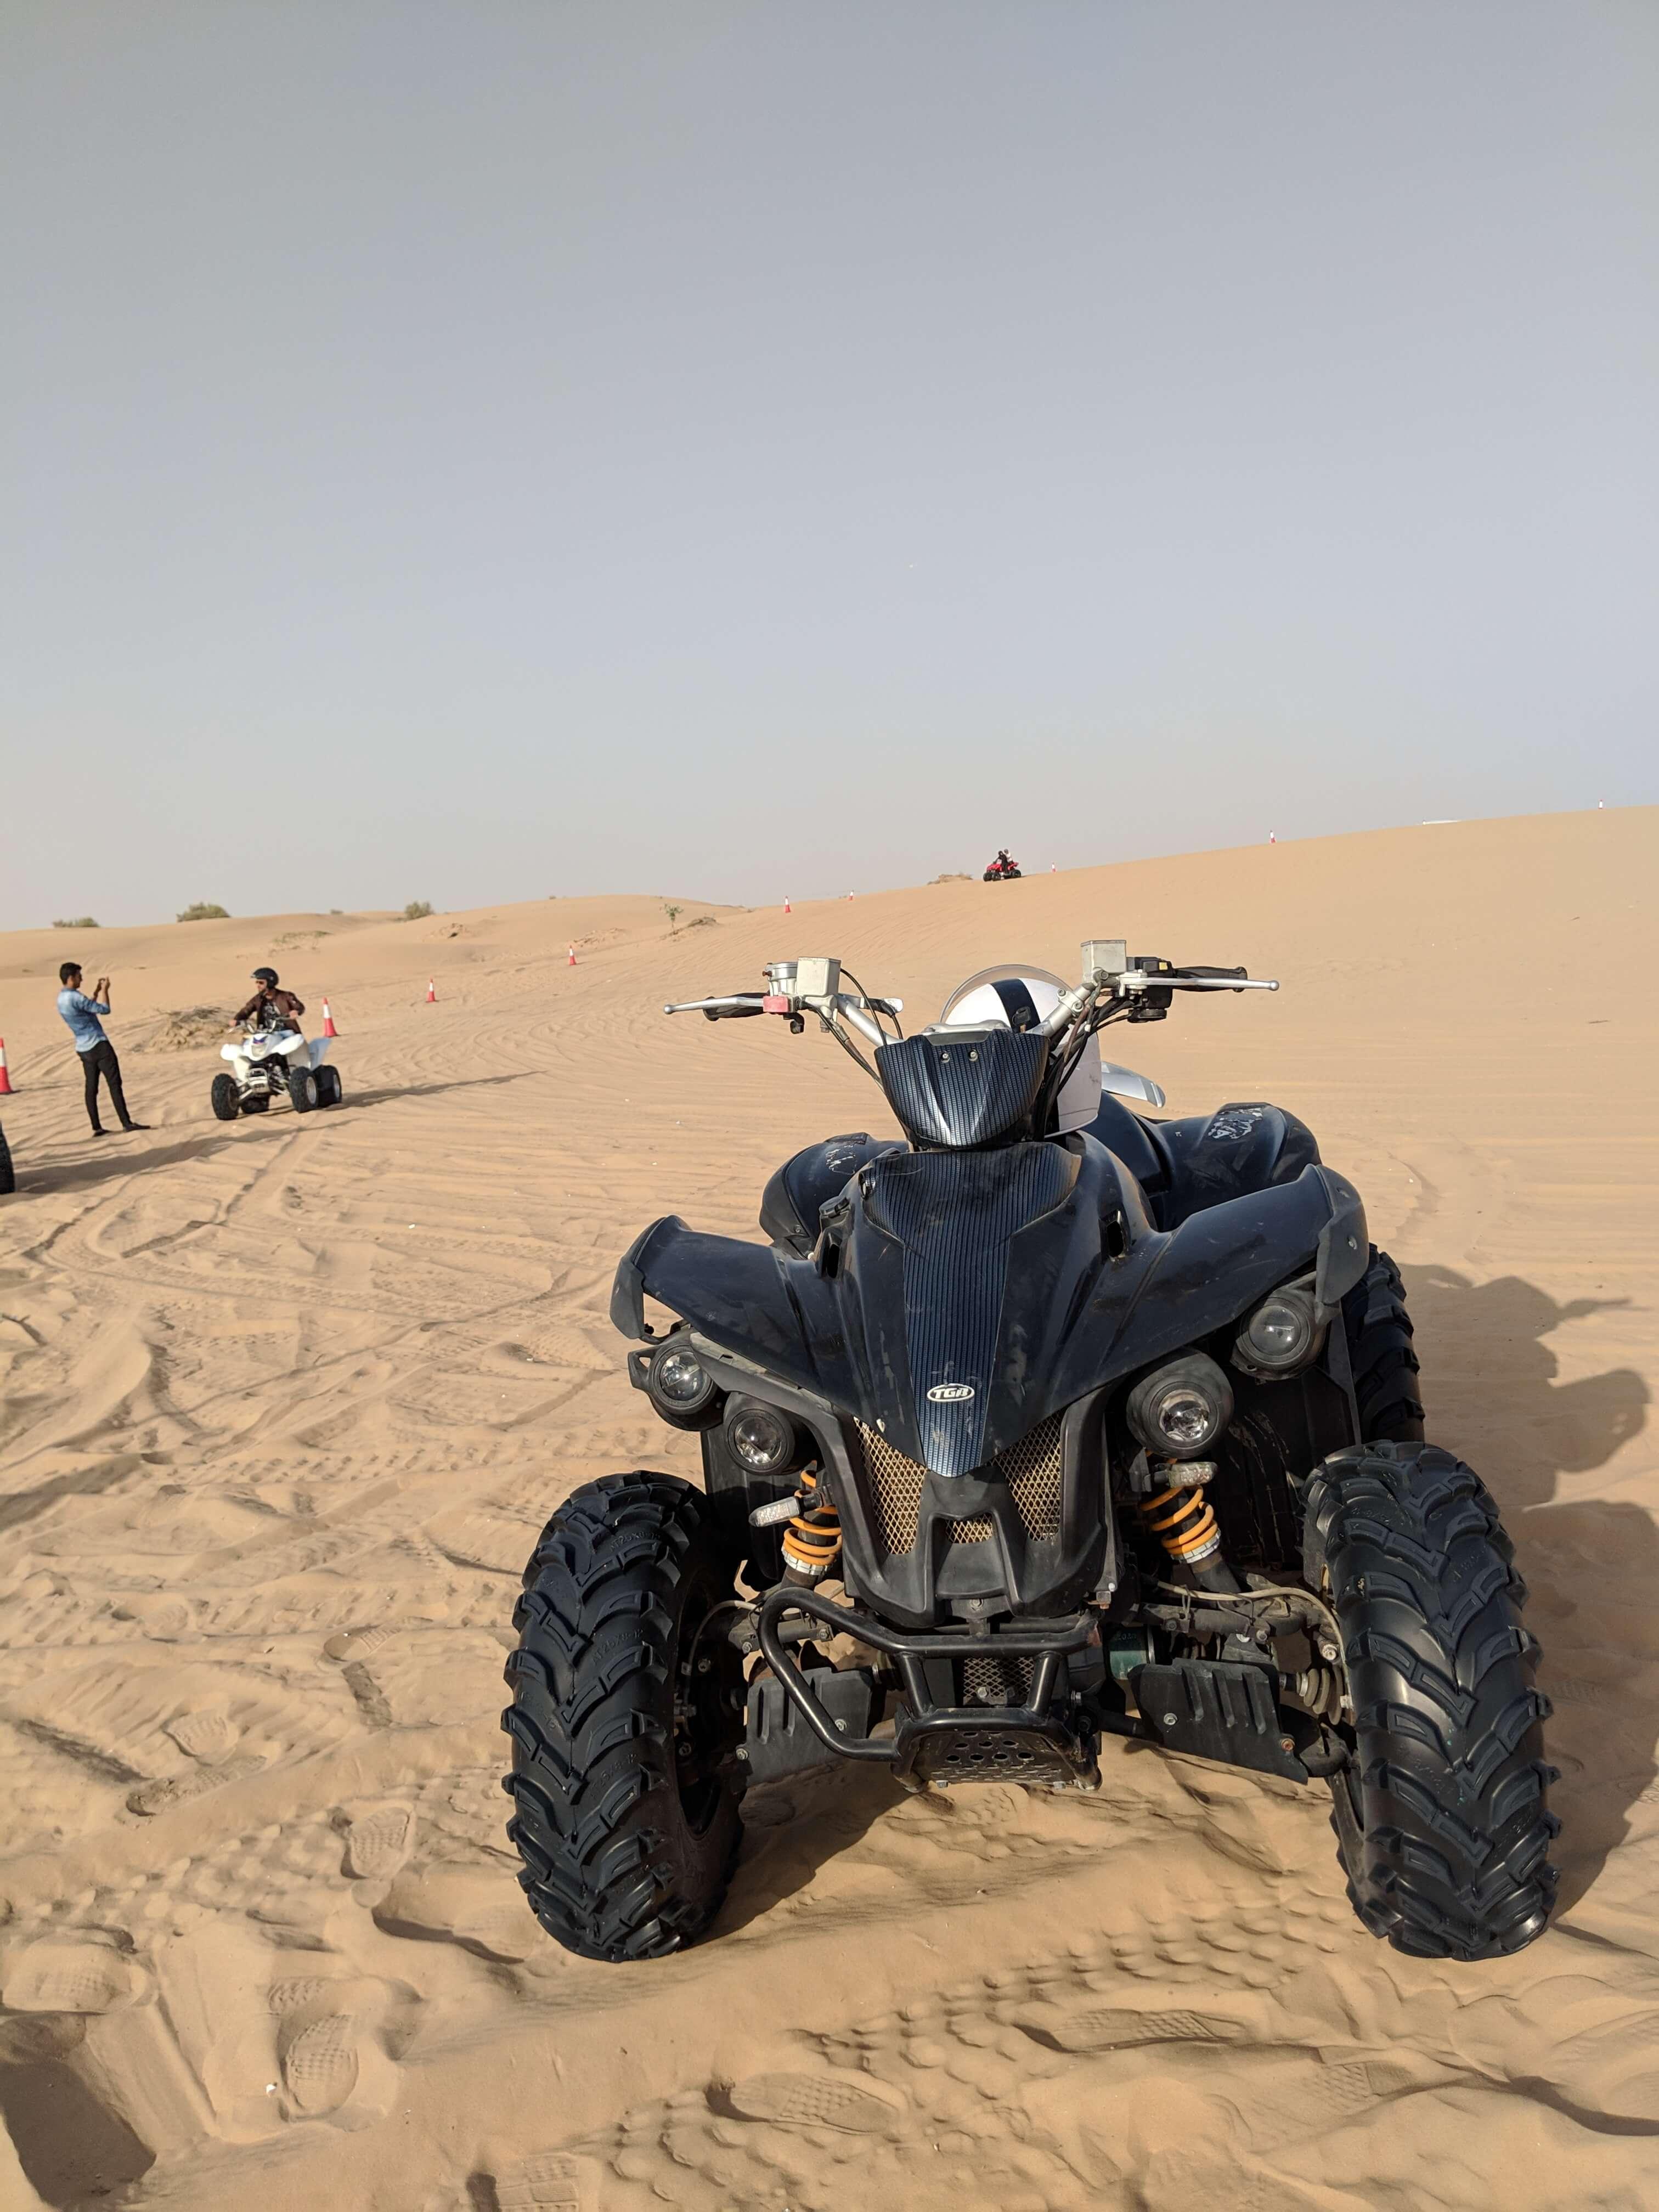 Quad biking in Dubai, UAE